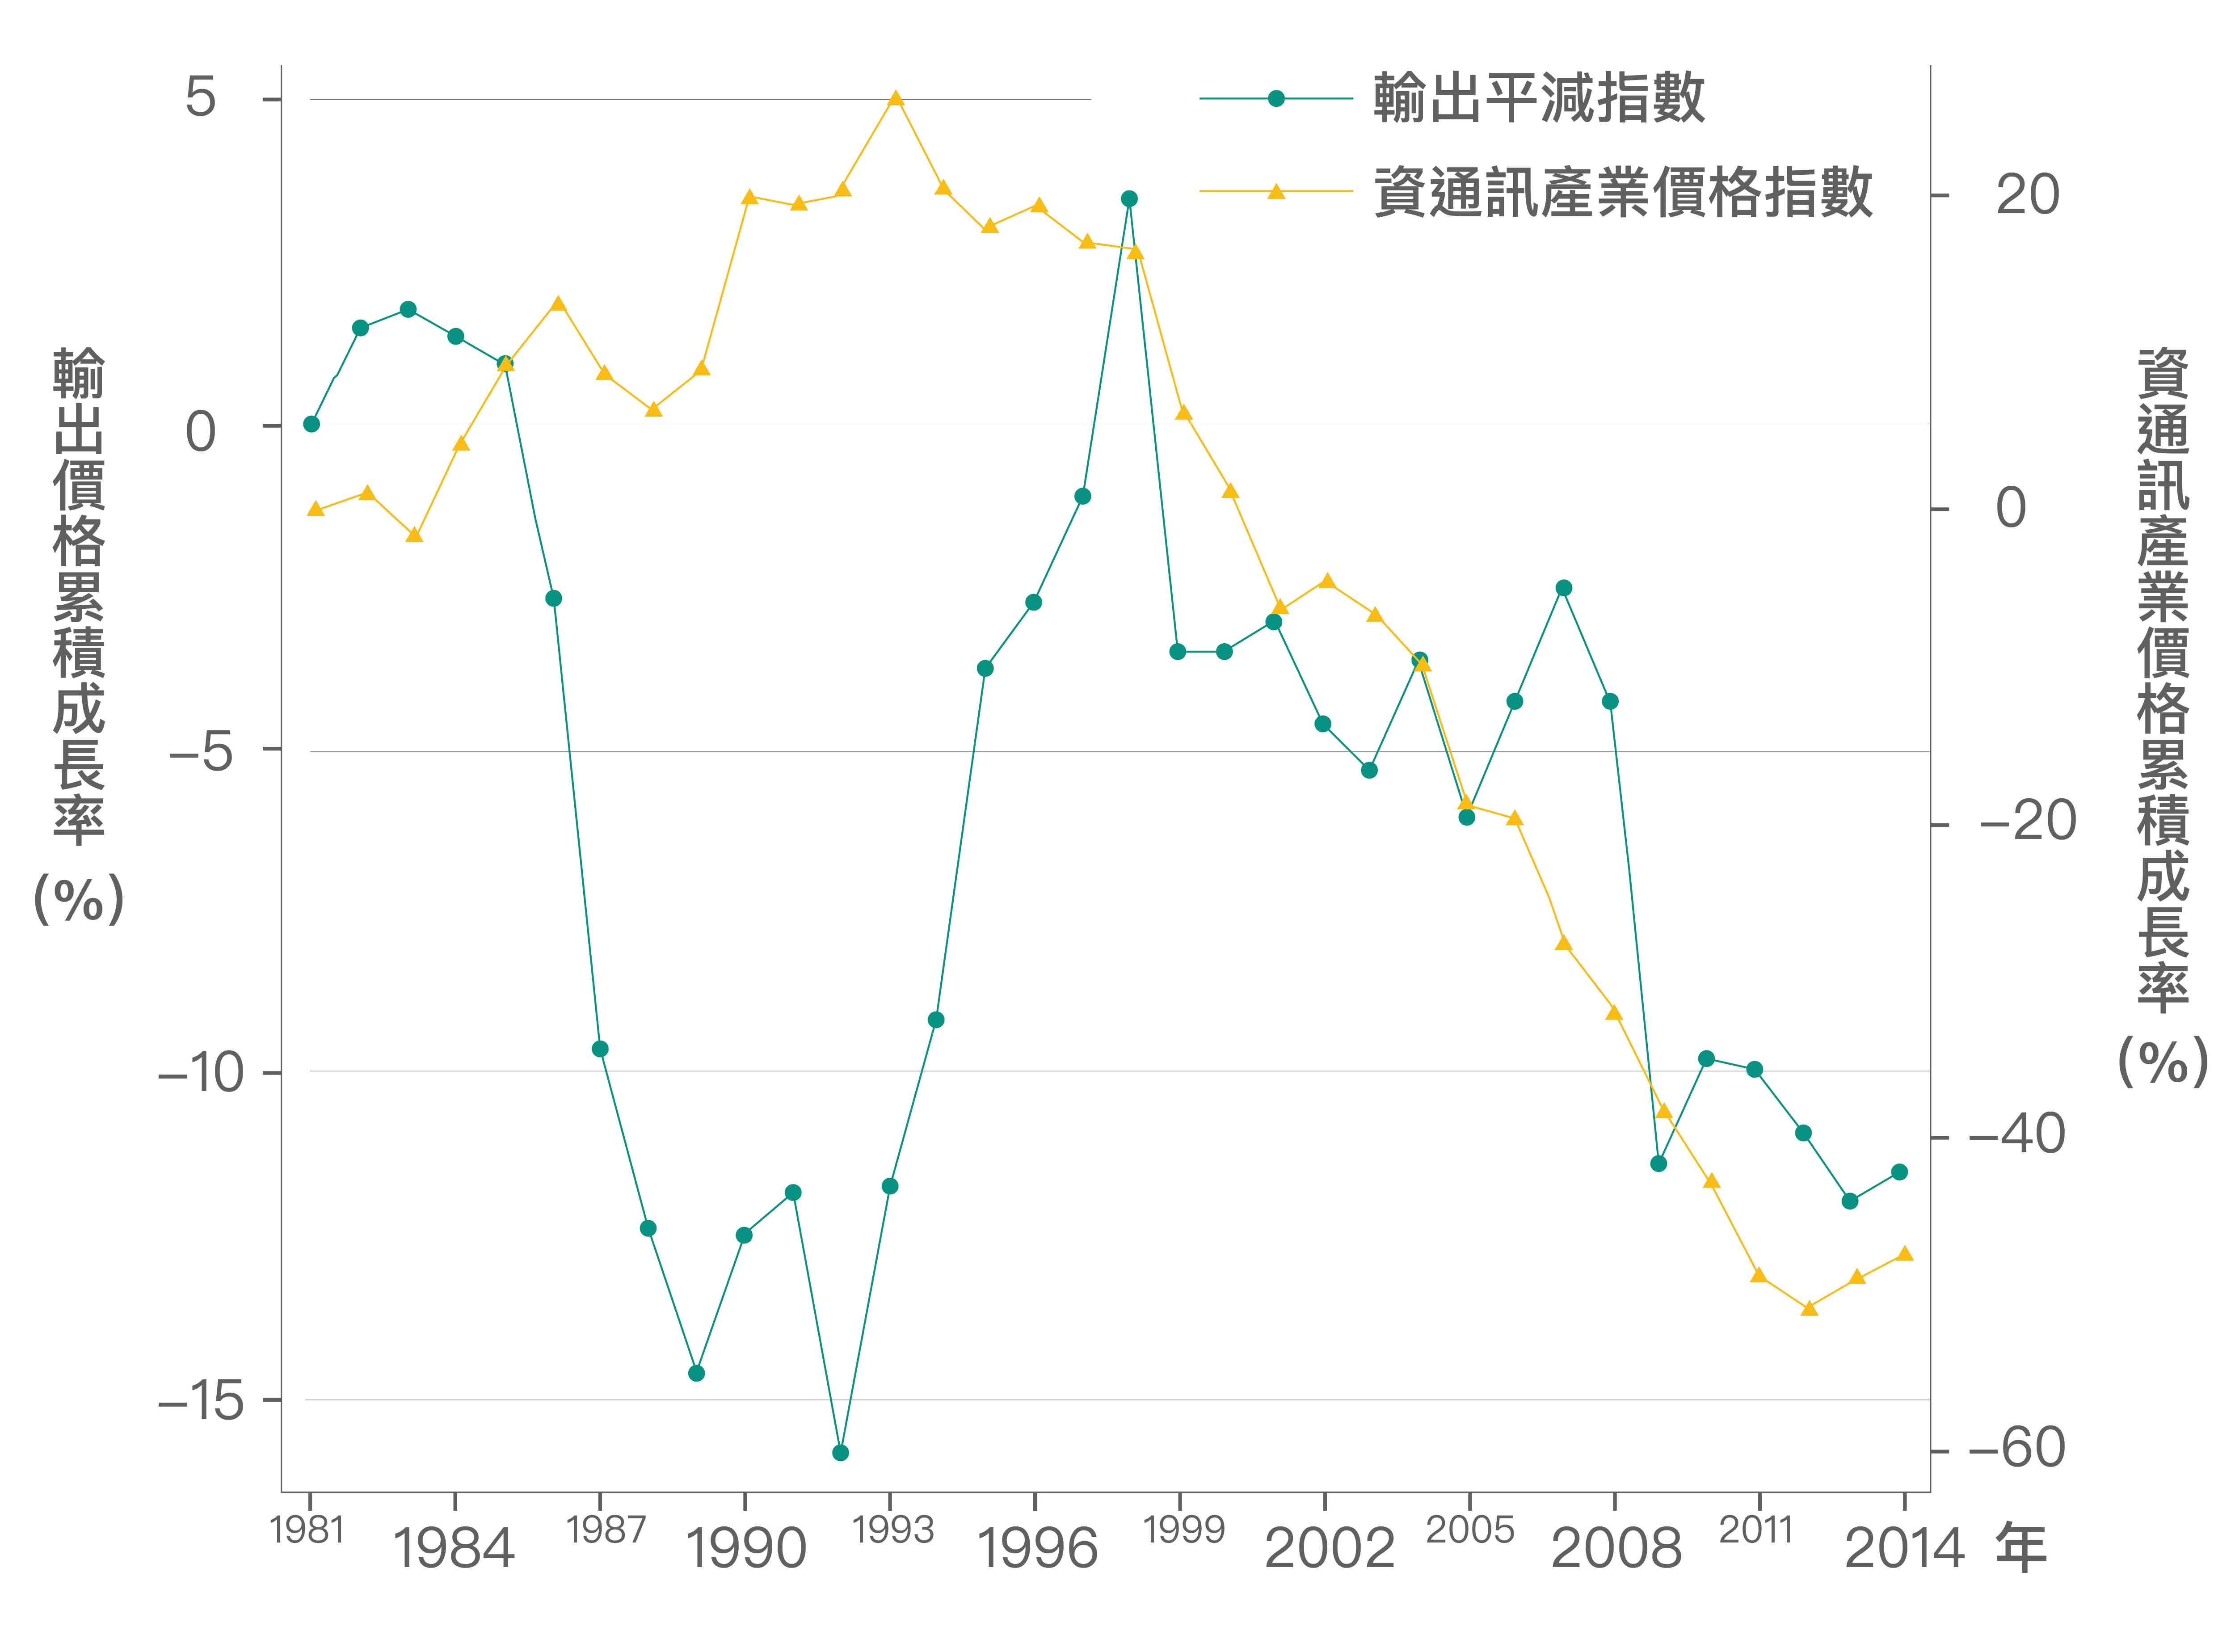 近20年來臺灣的出口主要依賴「資通訊產業」,2000 年之後由於資通訊產業激烈競爭,資通訊產品價格下跌約50%,以致臺灣整體輸出的產品價格也隨之降低。 資料來源│《經濟成長、薪資停滯?初探臺灣實質薪資與勞動生產力脫勾的成因》,作者:林依伶、楊子霆